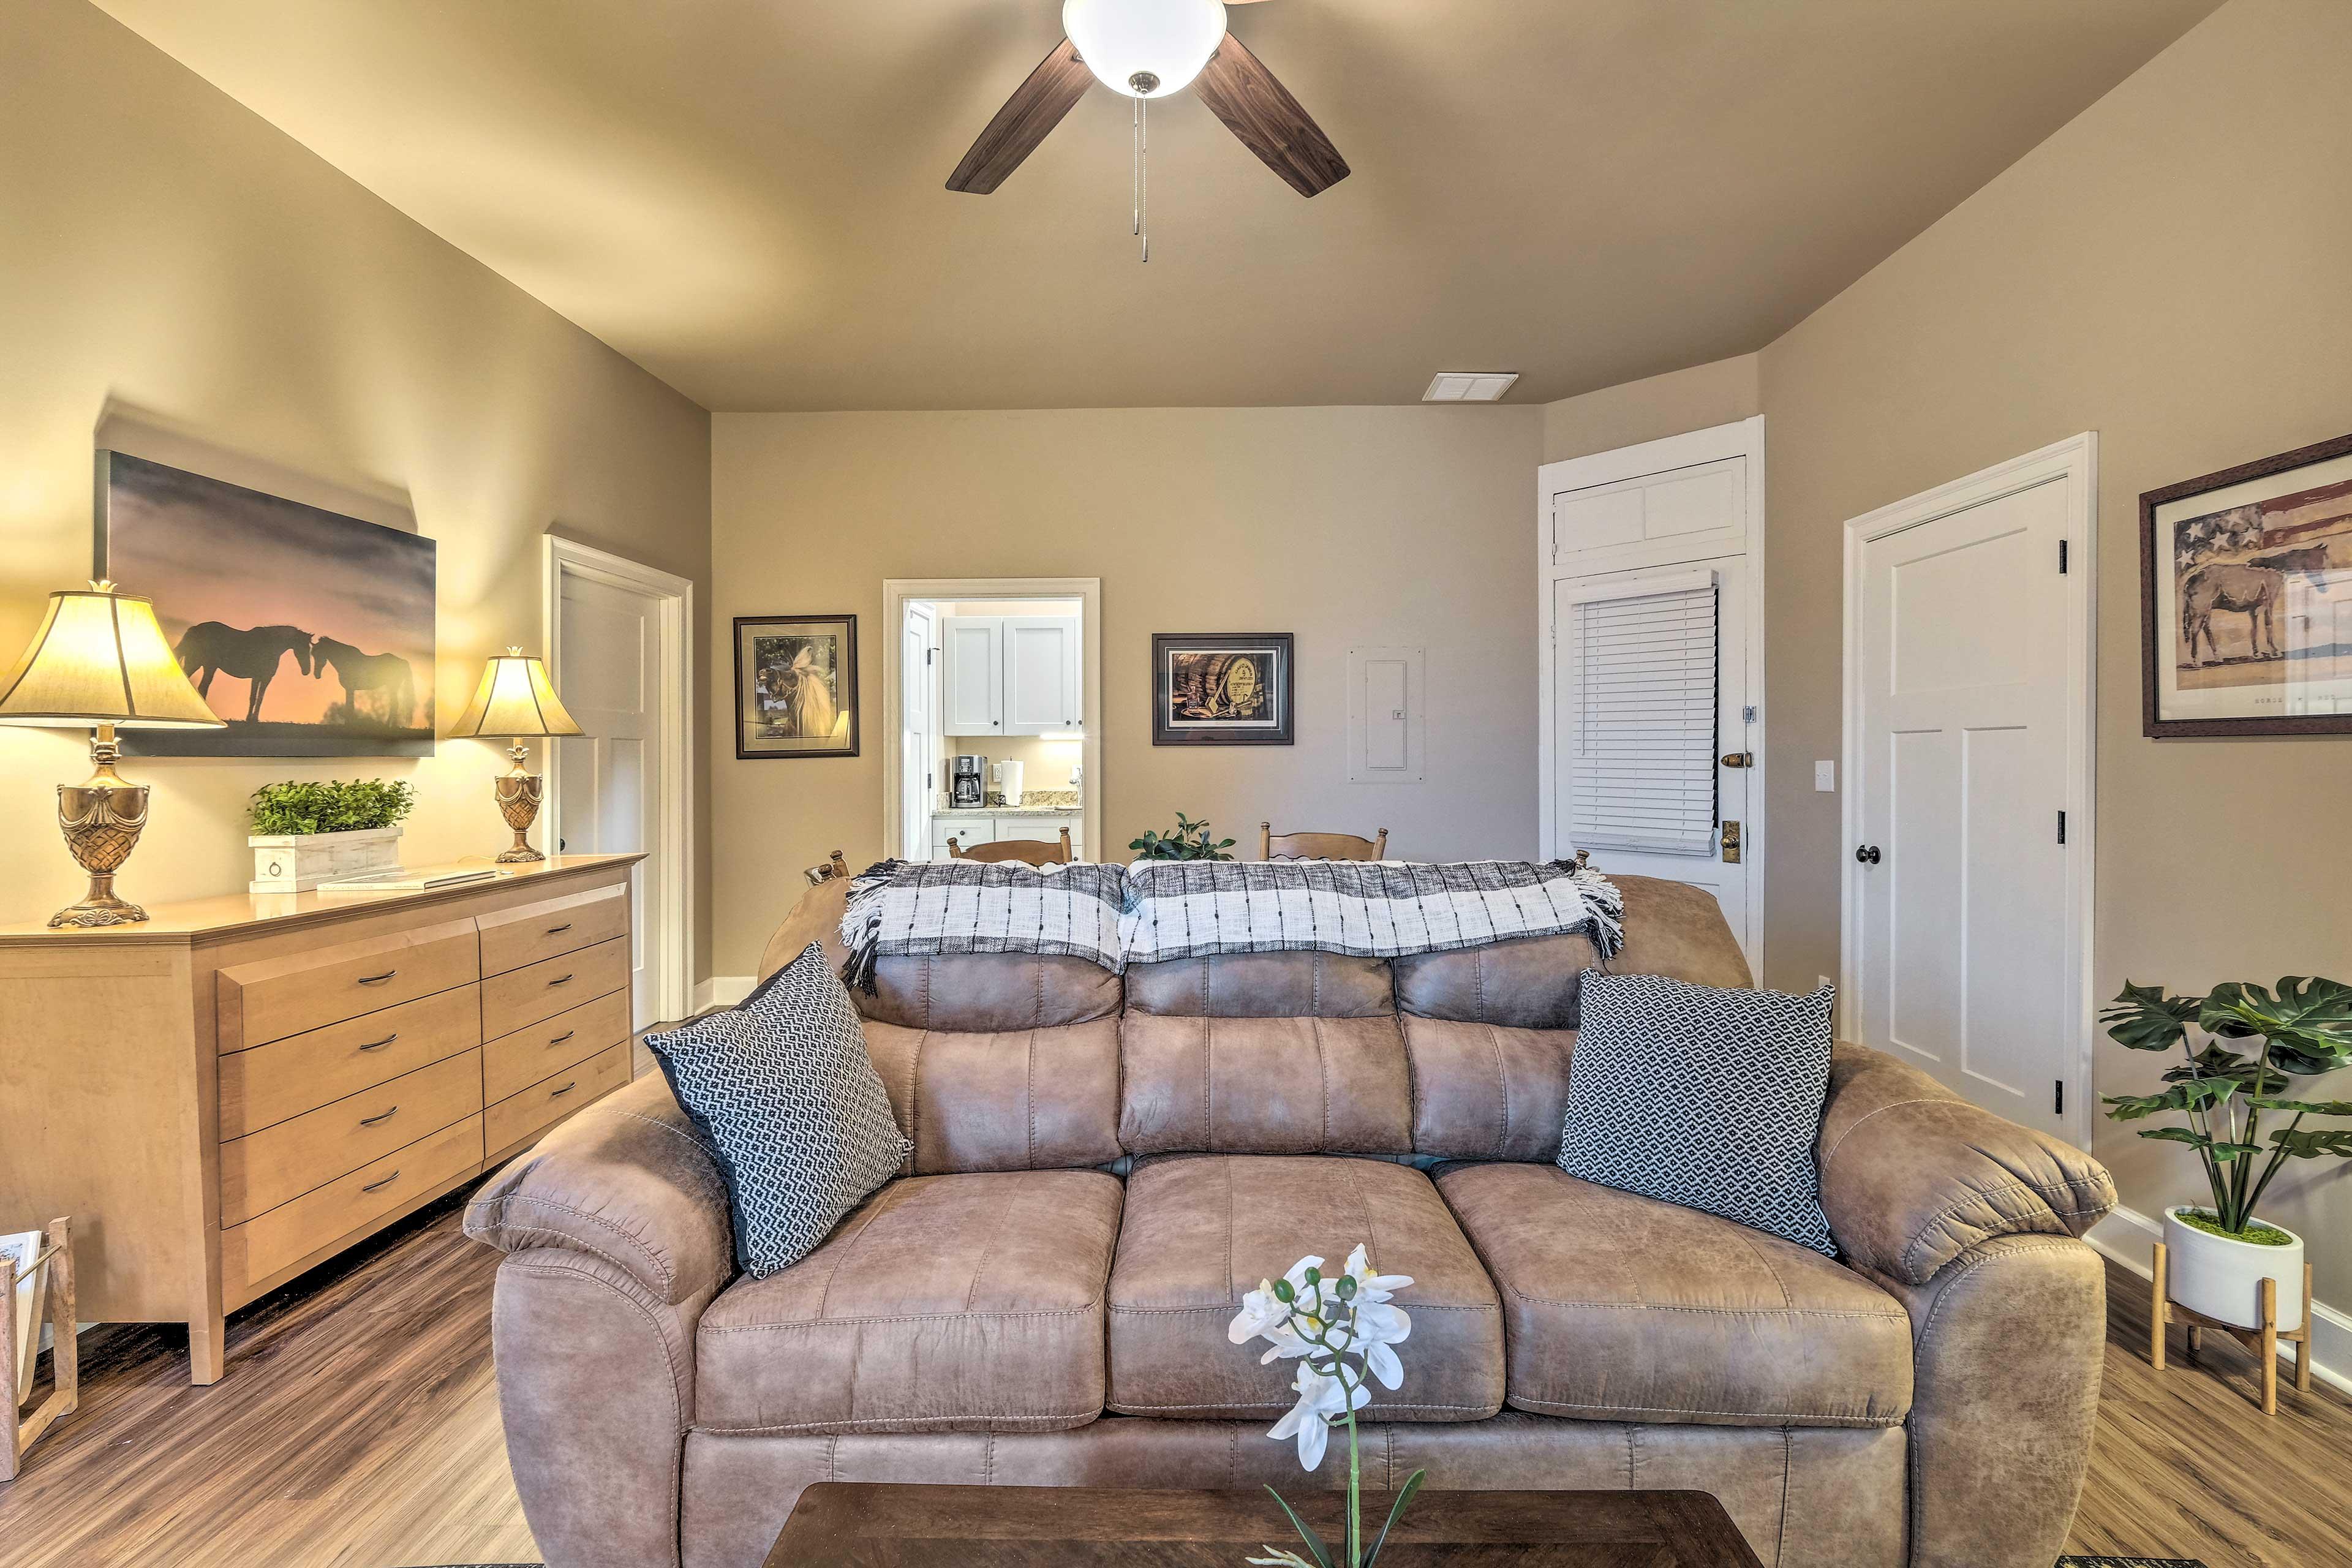 Living Room | Smart TV w/ Roku